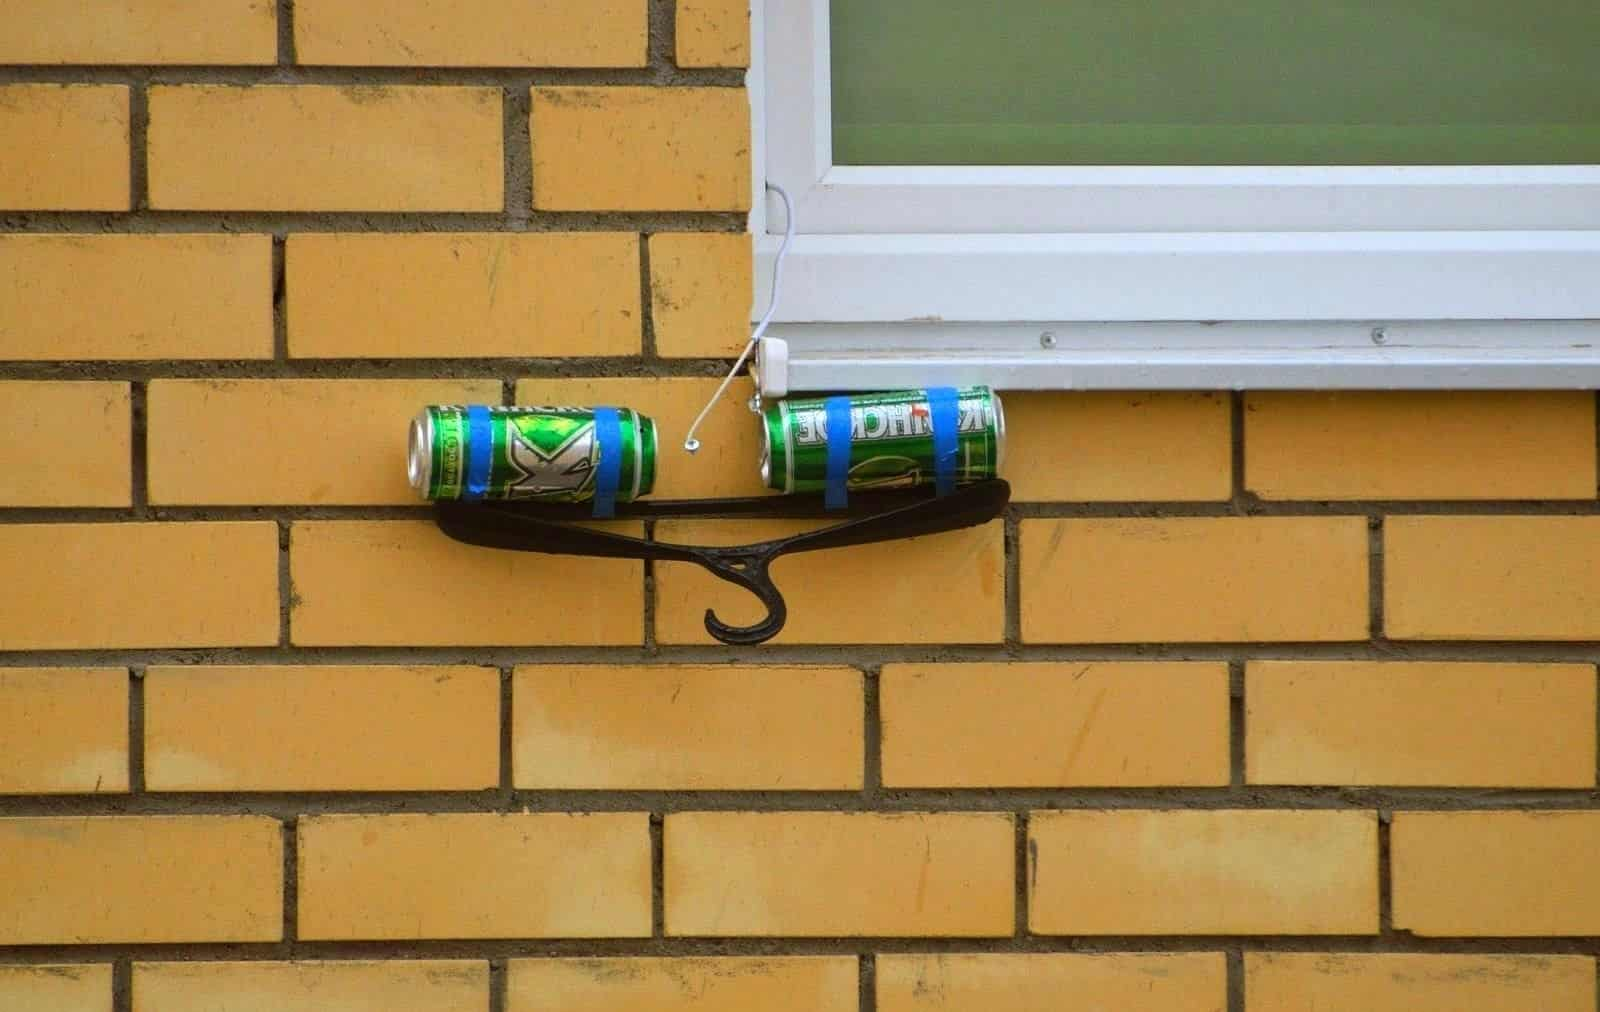 Когда может понадобиться самодельная антенна   Как сделать антенну из пивных банок